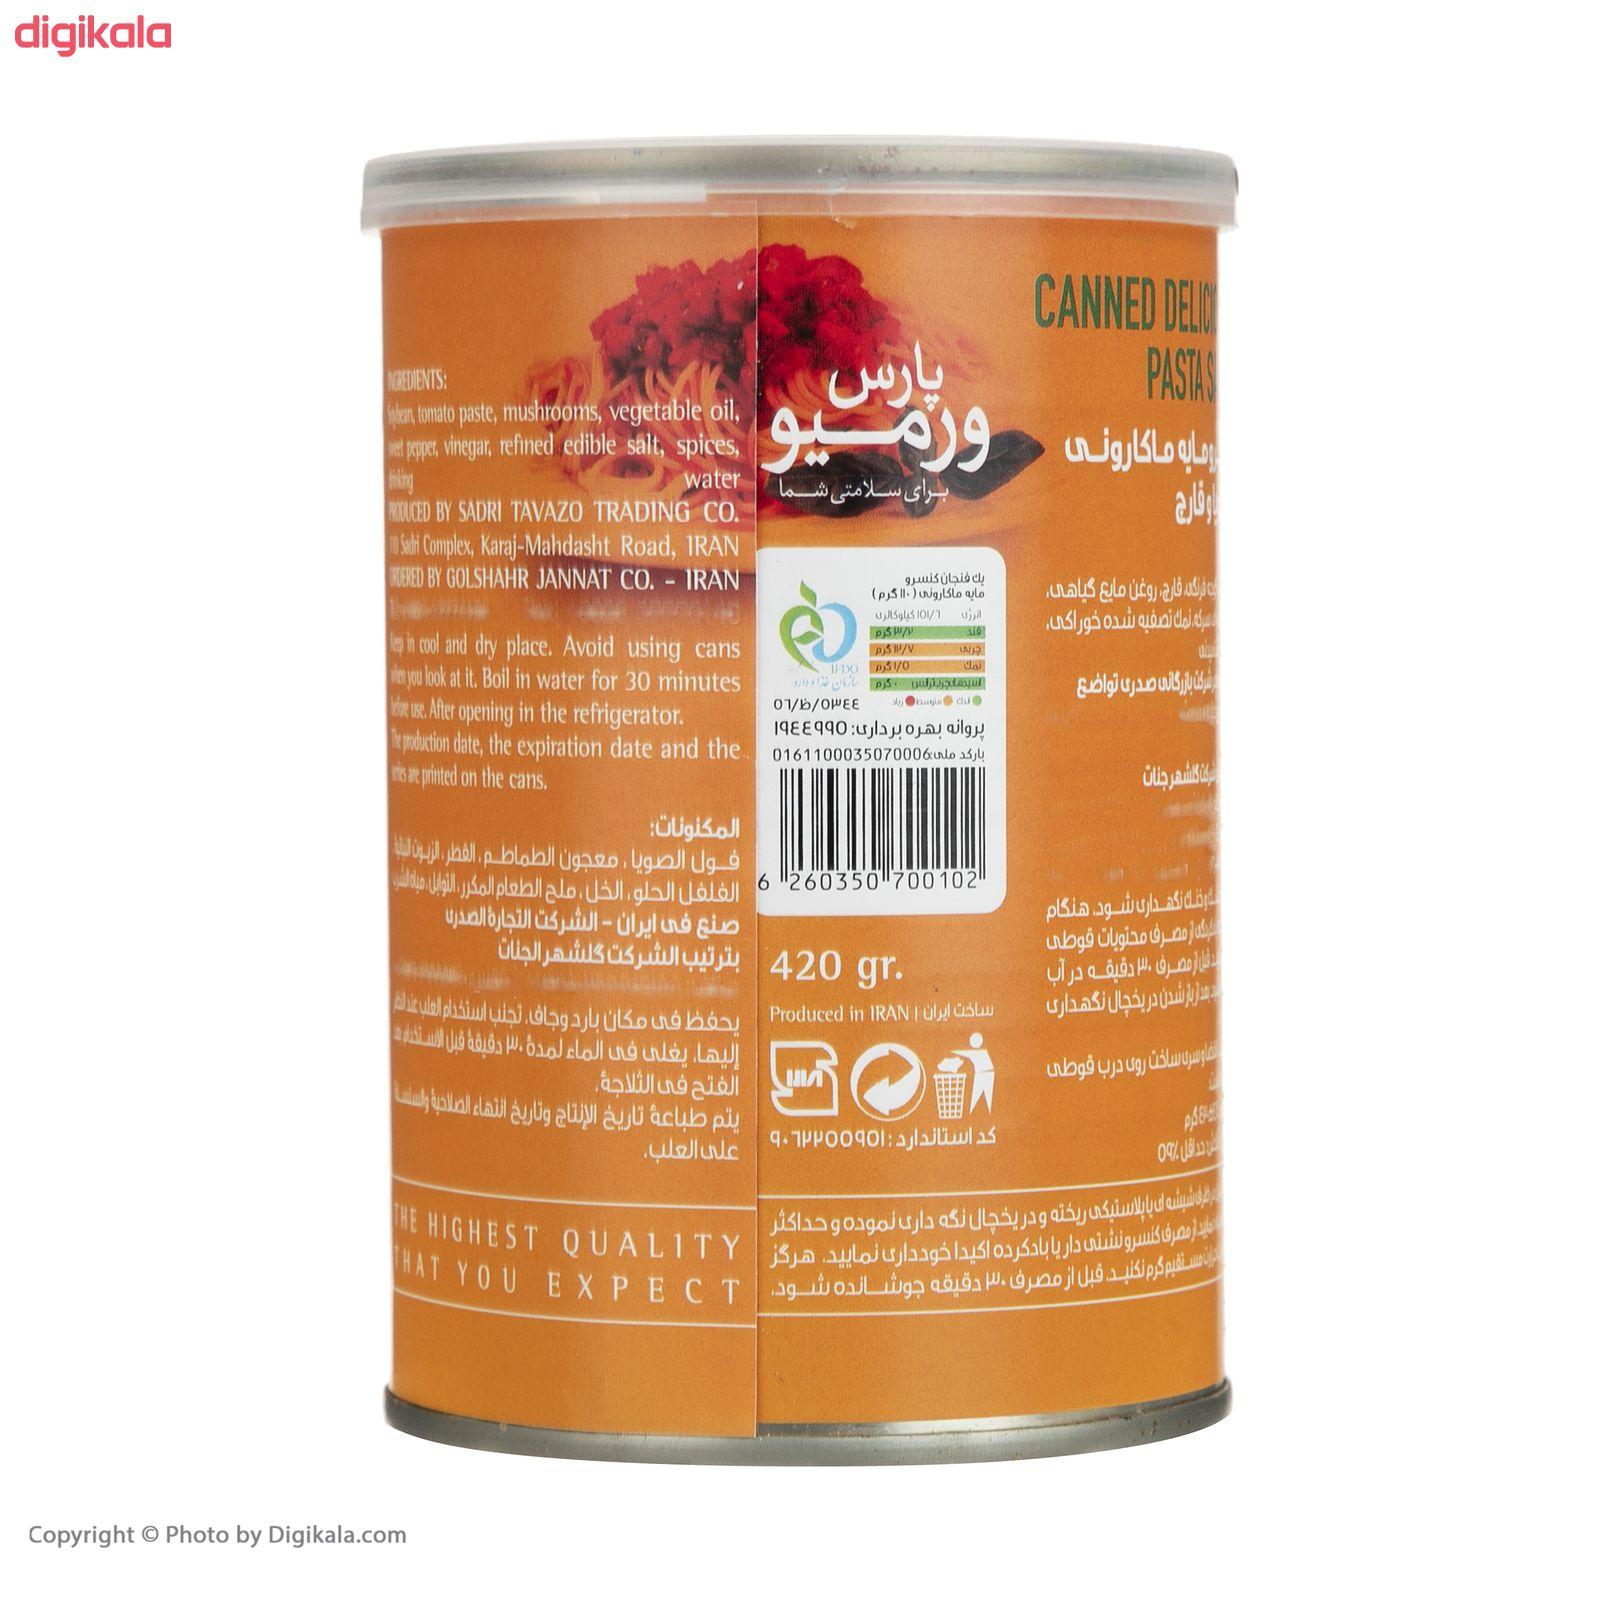 کنسرو مایه ماکارونی با سویا و قارچ پارس ورمیو - 420 گرم main 1 4